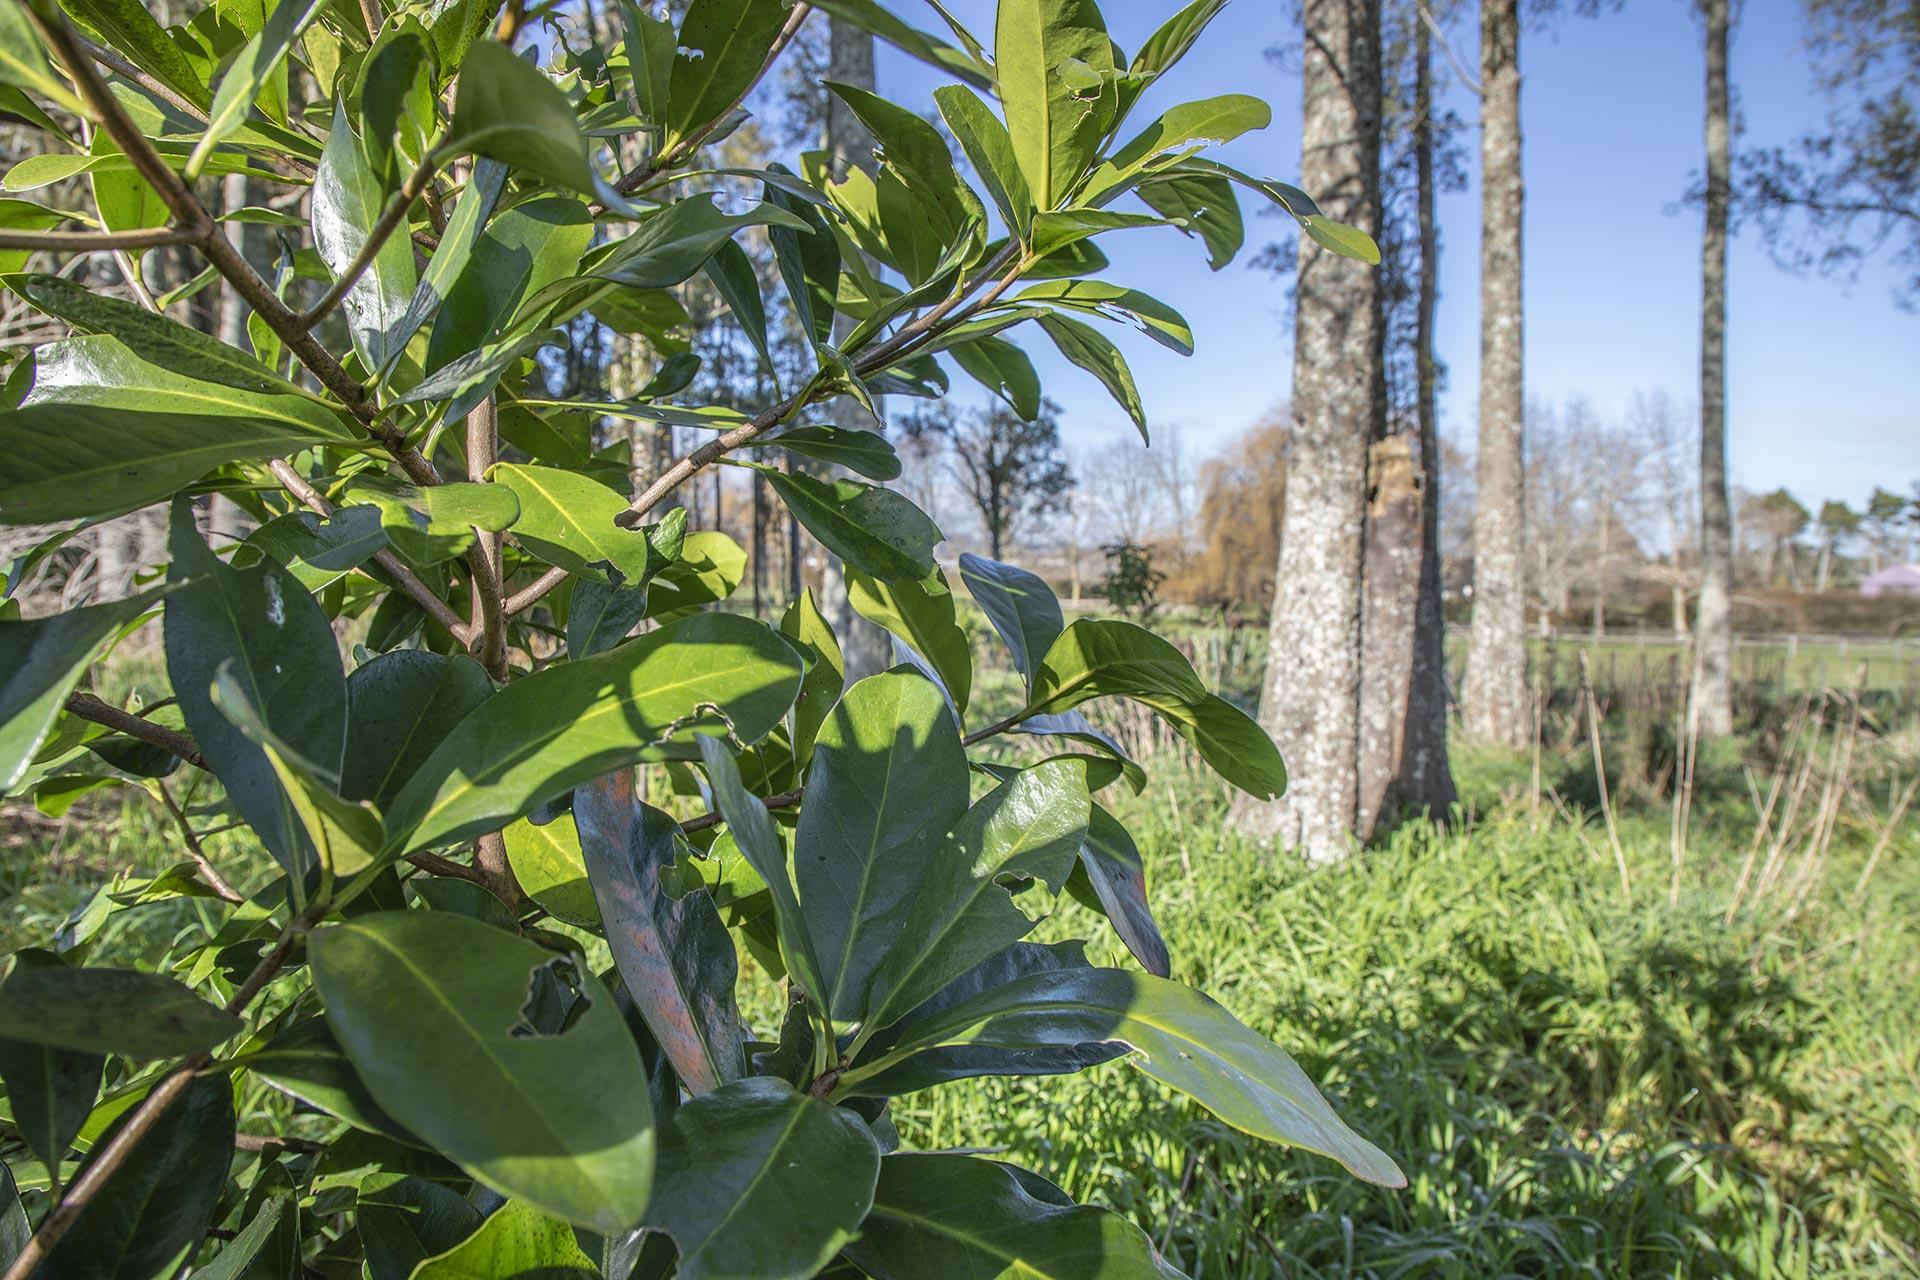 Karaka tree